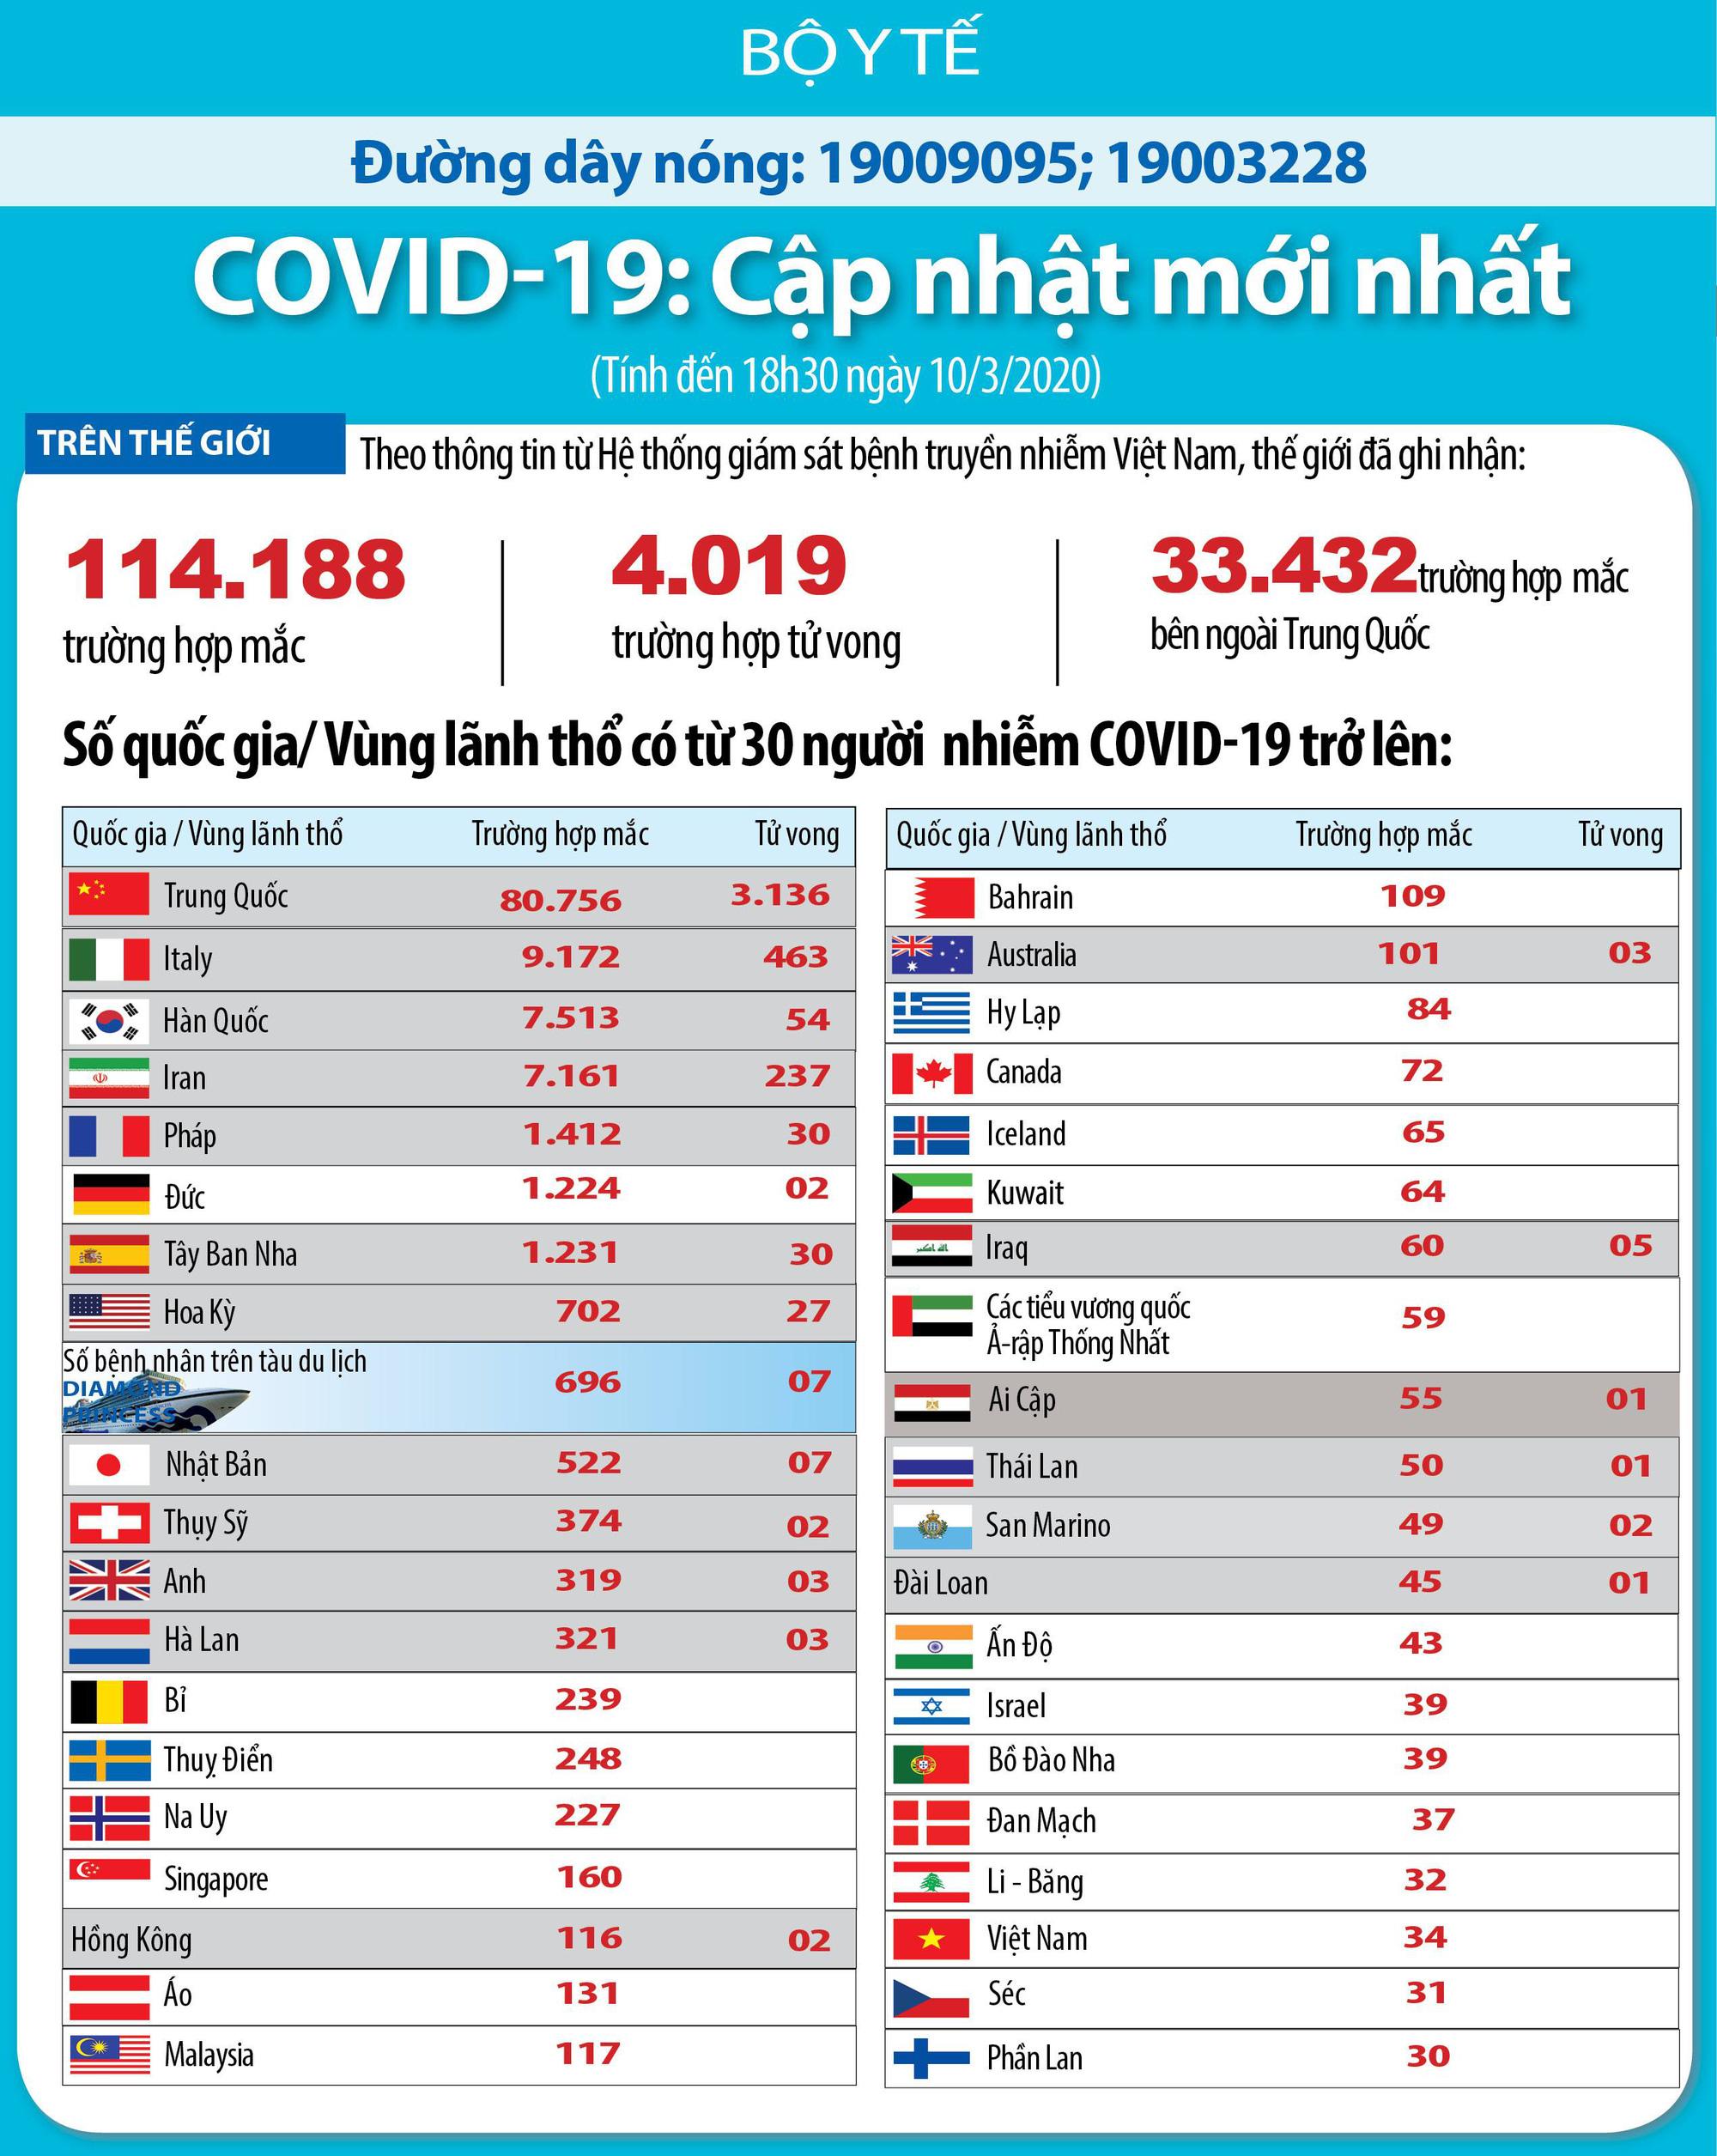 Cập nhật tình hình dịch corona trên thế giới ngày 10/3: Thái Lan treo thưởng gần 7,4 triệu đồng tìm 80 người trốn cách li, Trung Quốc thông báo số ca nhiễm mới ở mức thấp nhất kể từ khi dịch bùng phát - Ảnh 2.